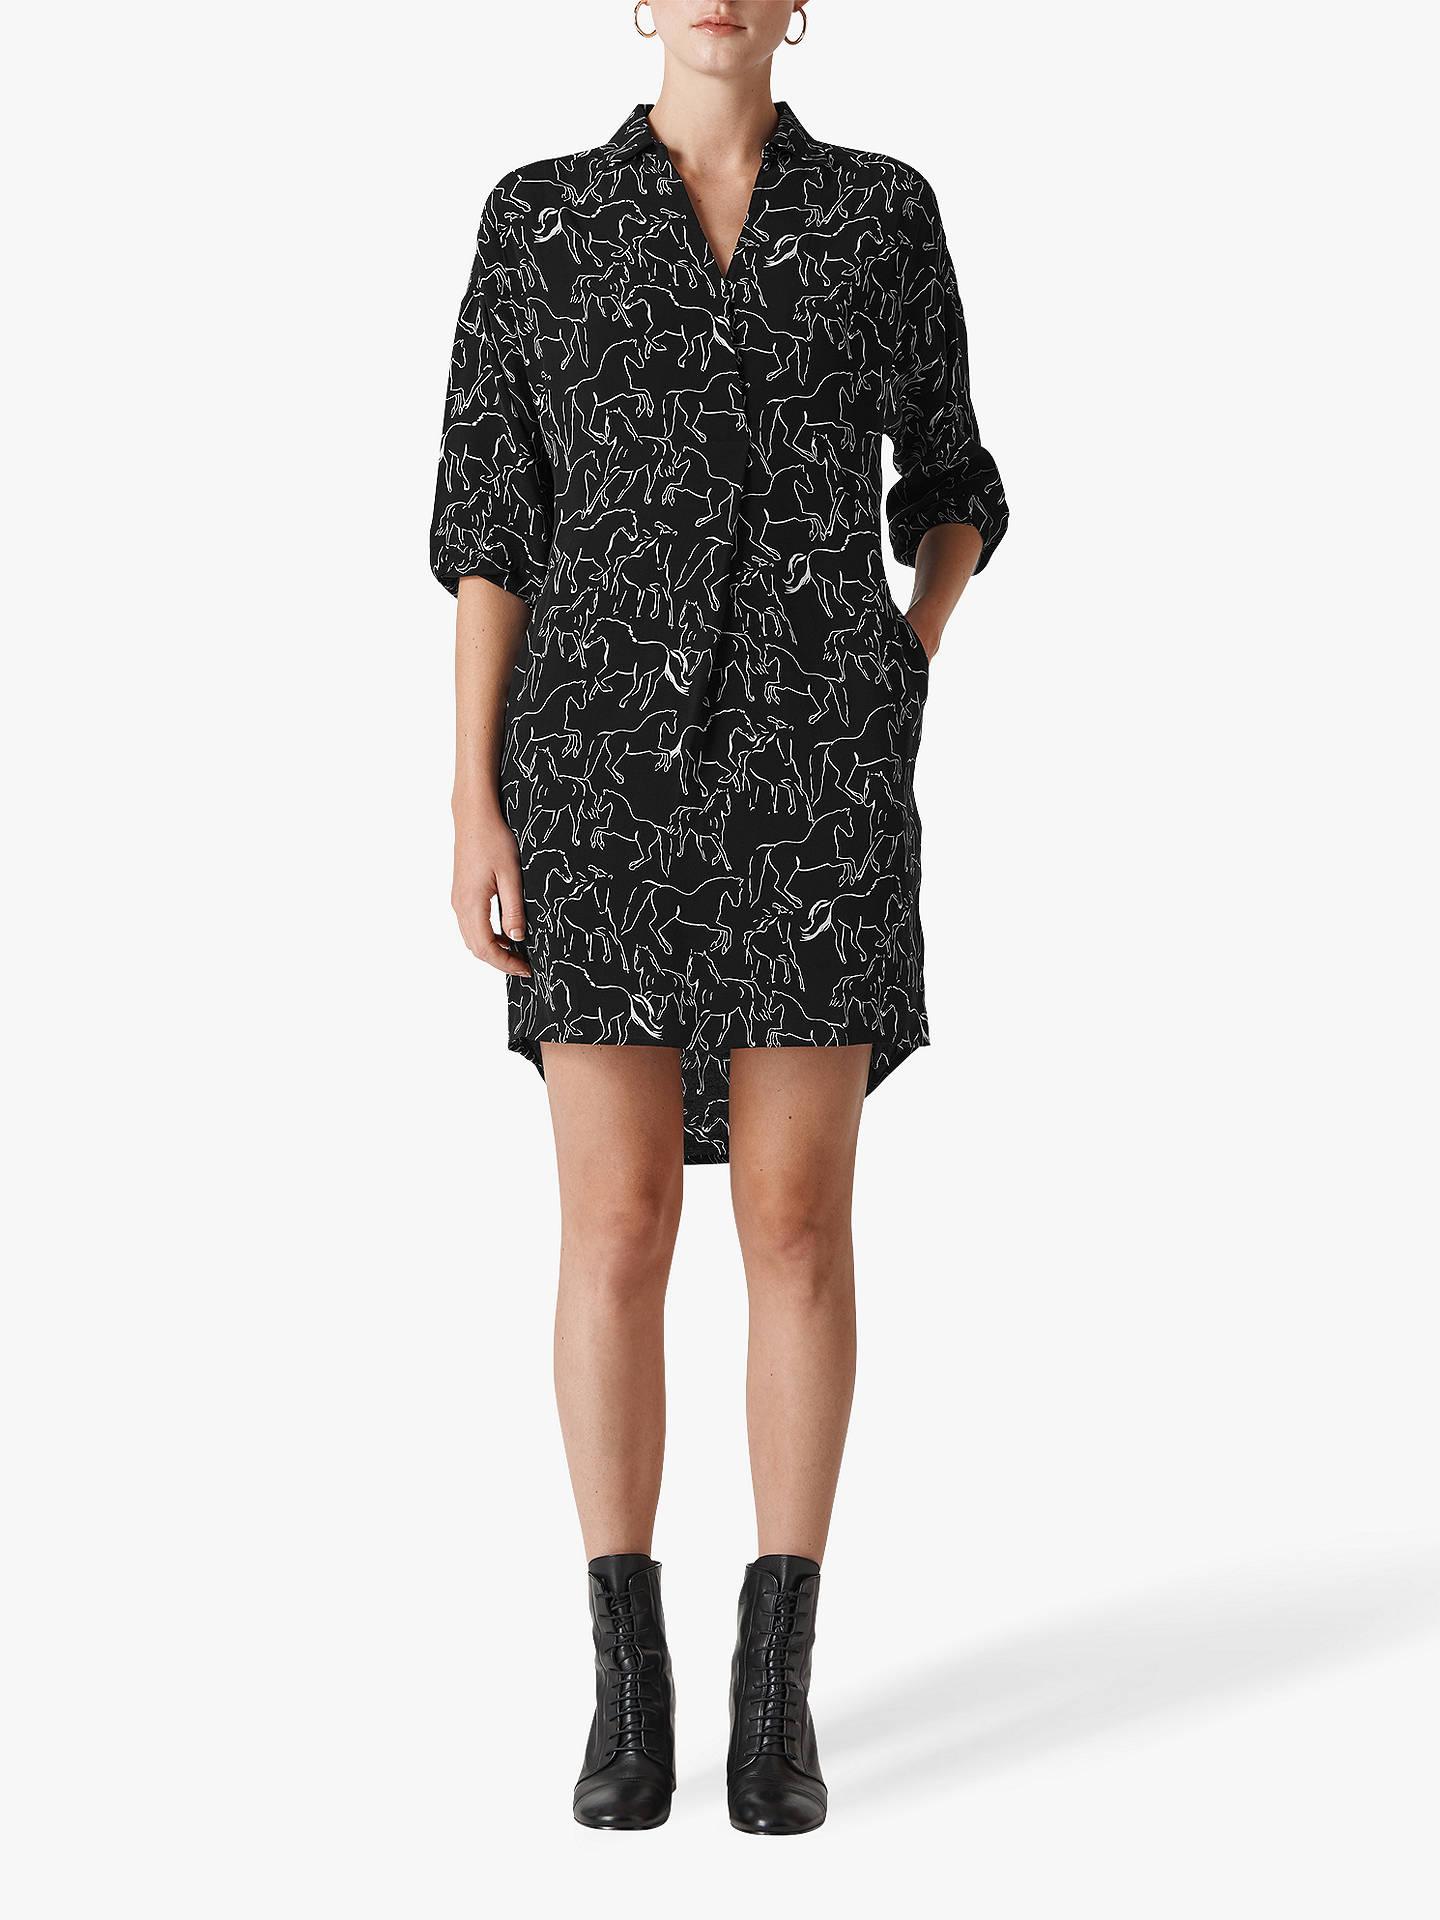 3e144fc49863 Buy Whistles Lola Stallion Print Dress, Black/White, L Online at johnlewis.